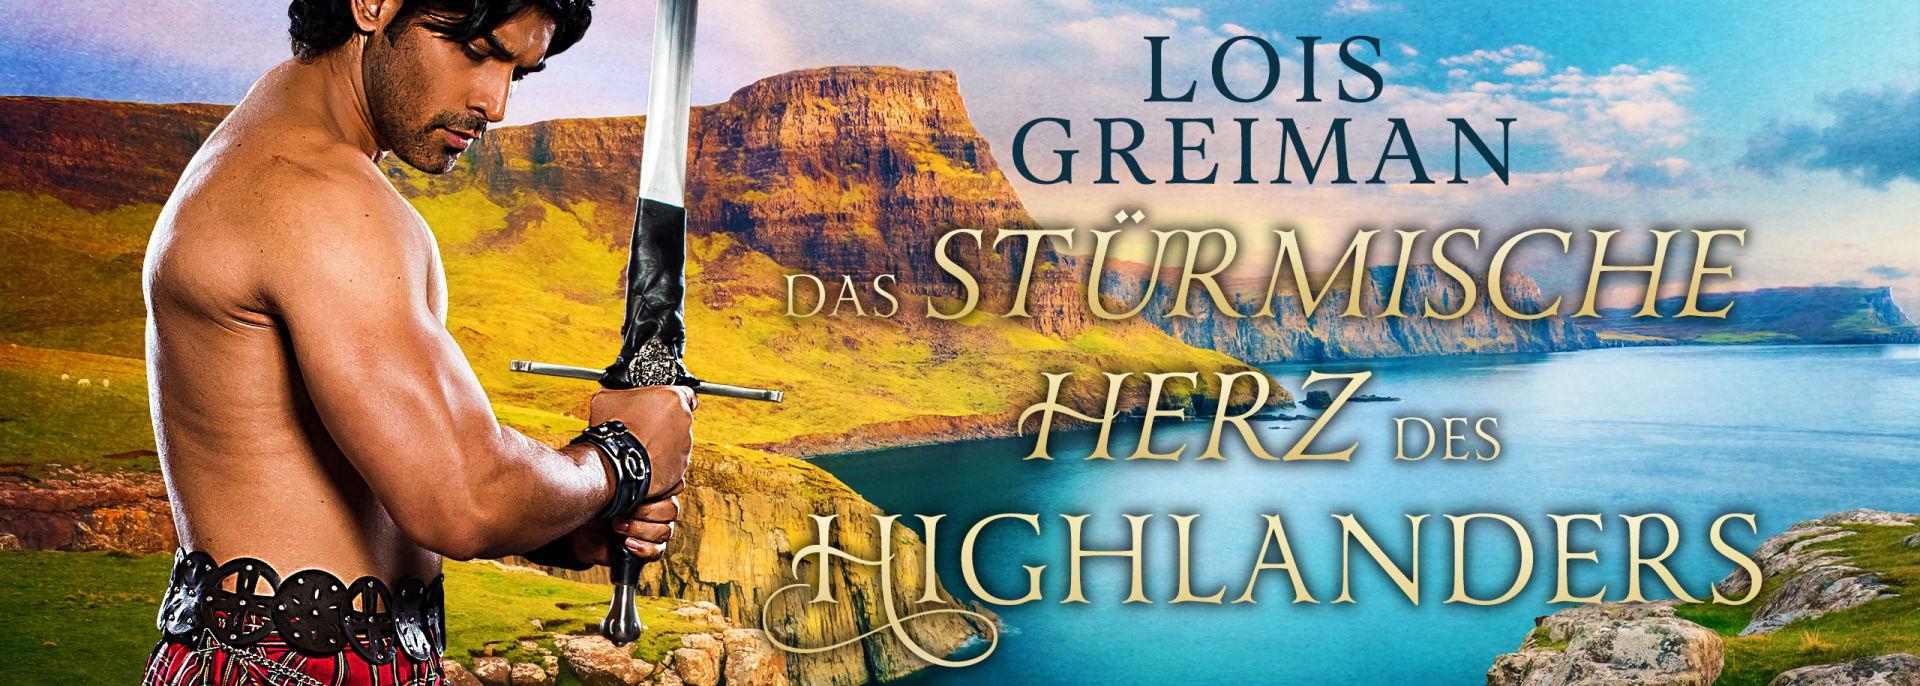 Das stürmische Herz des Highlanders